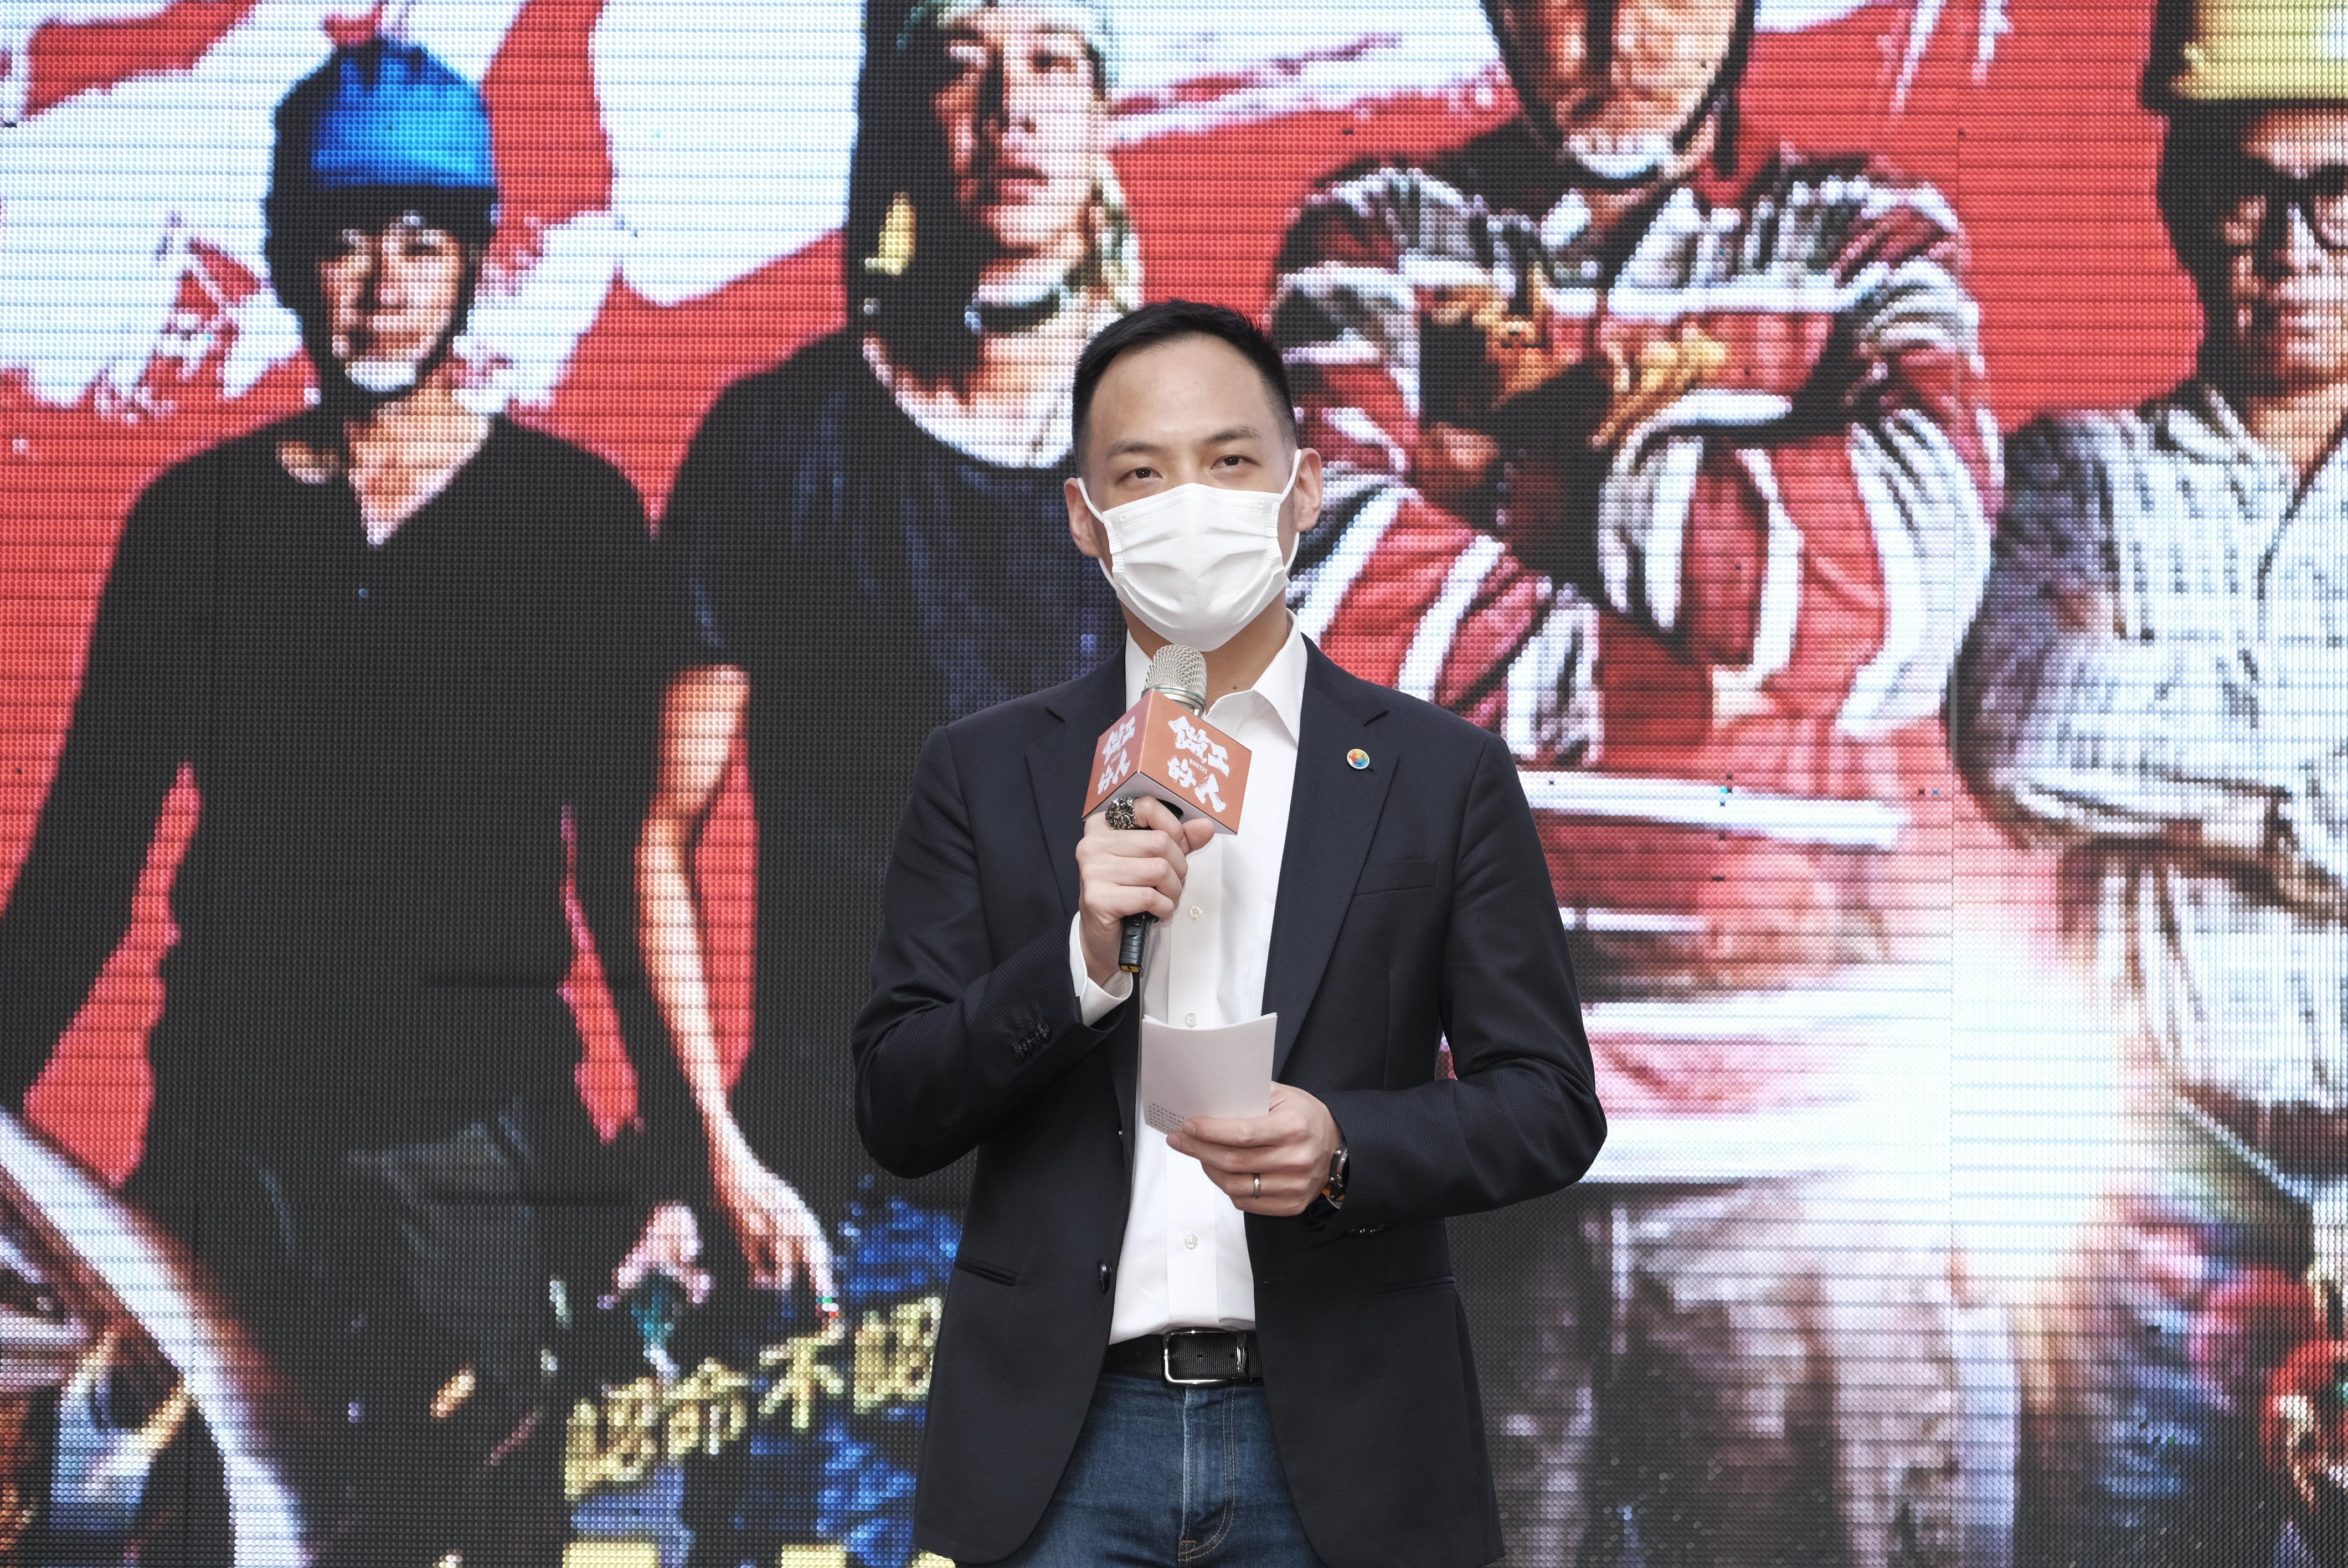 《做工的人》台灣大哥大總經理林之晨出席首播記者會_大慕影藝提供